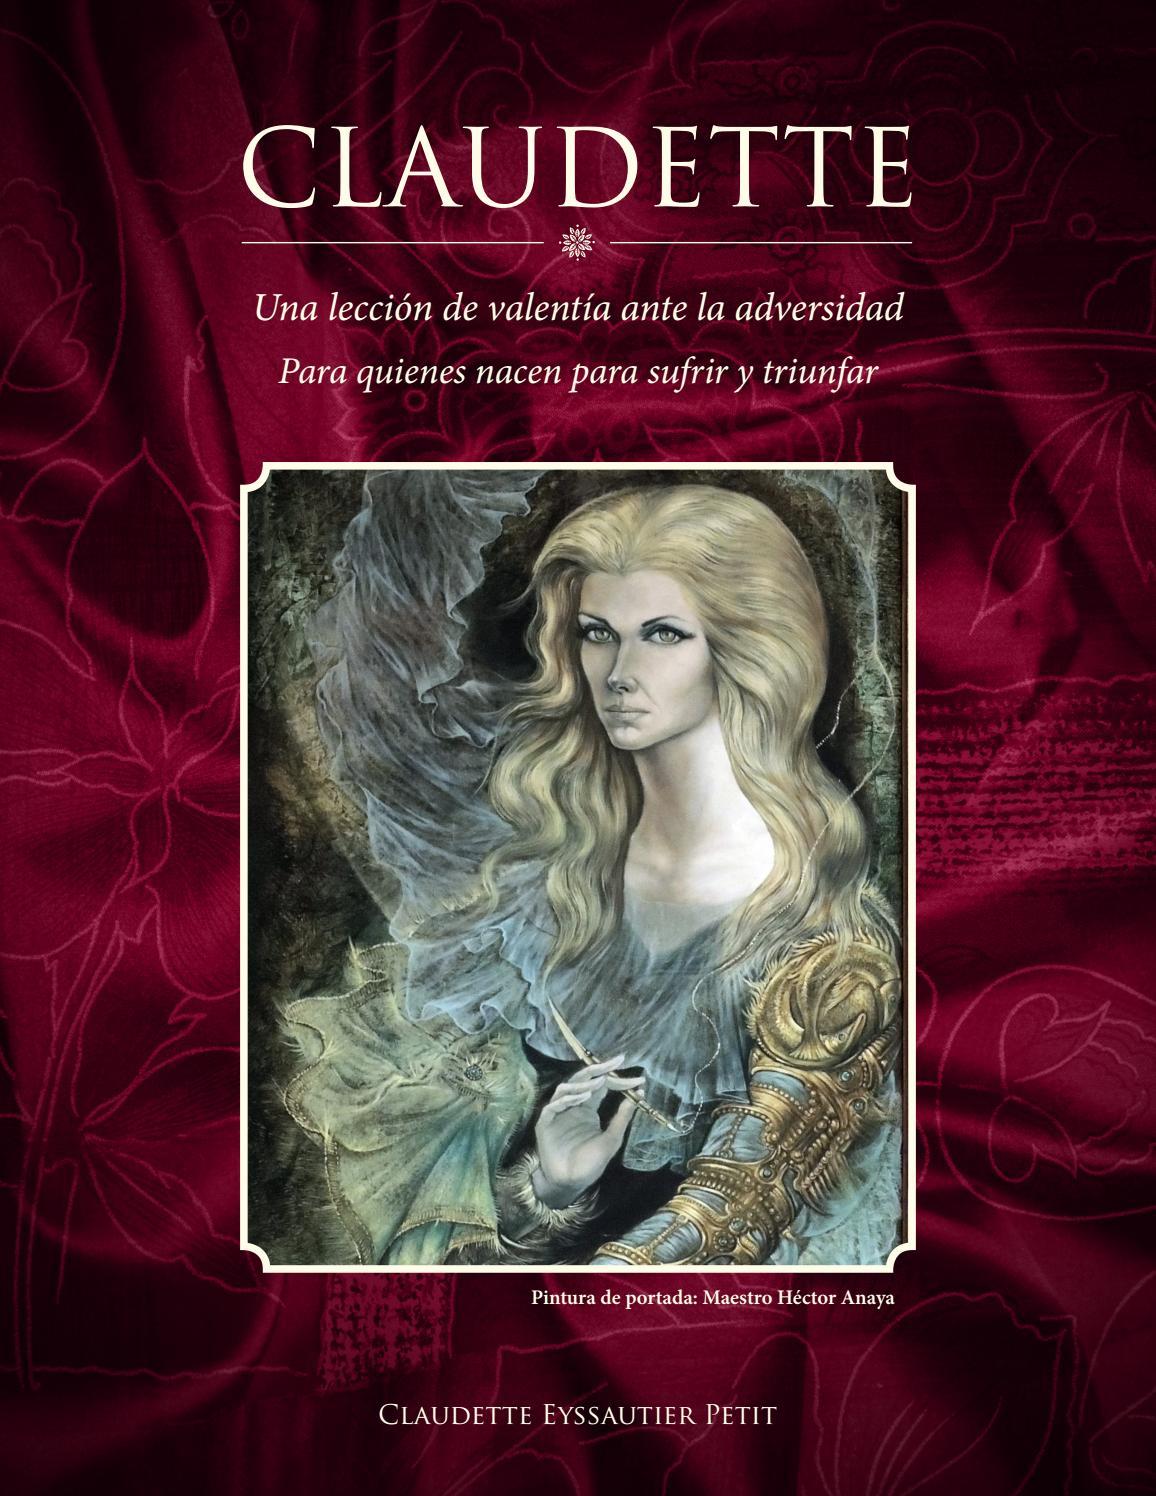 Claudette libro volumen 1 by Claudette - issuu